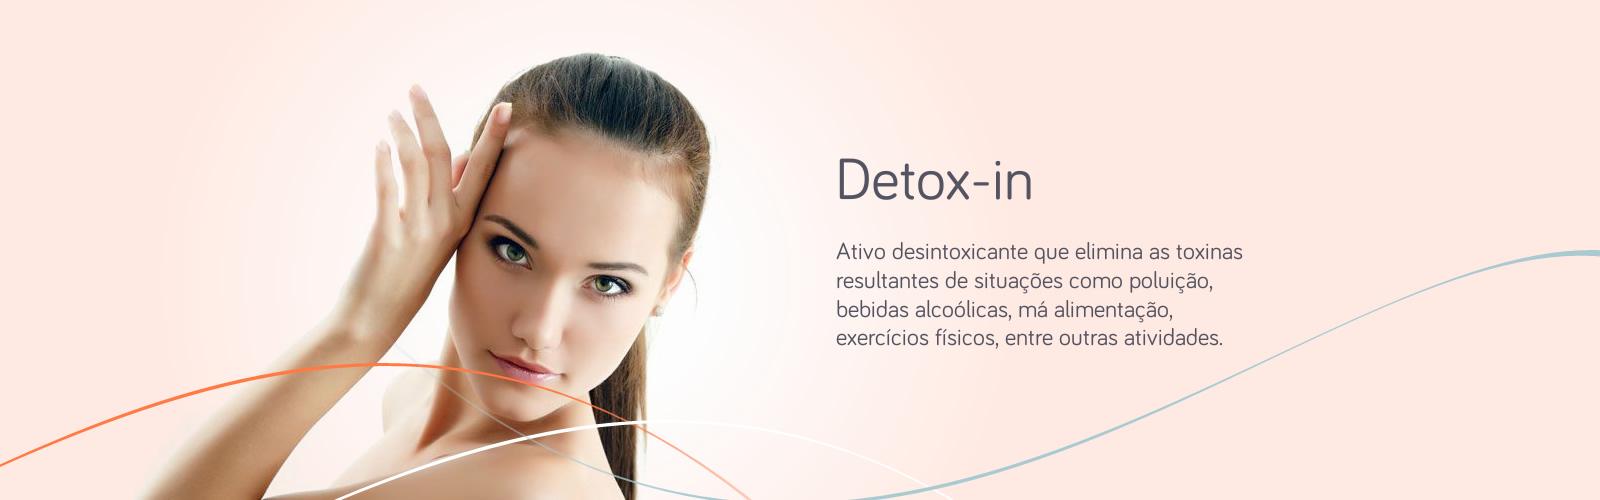 Detox-In